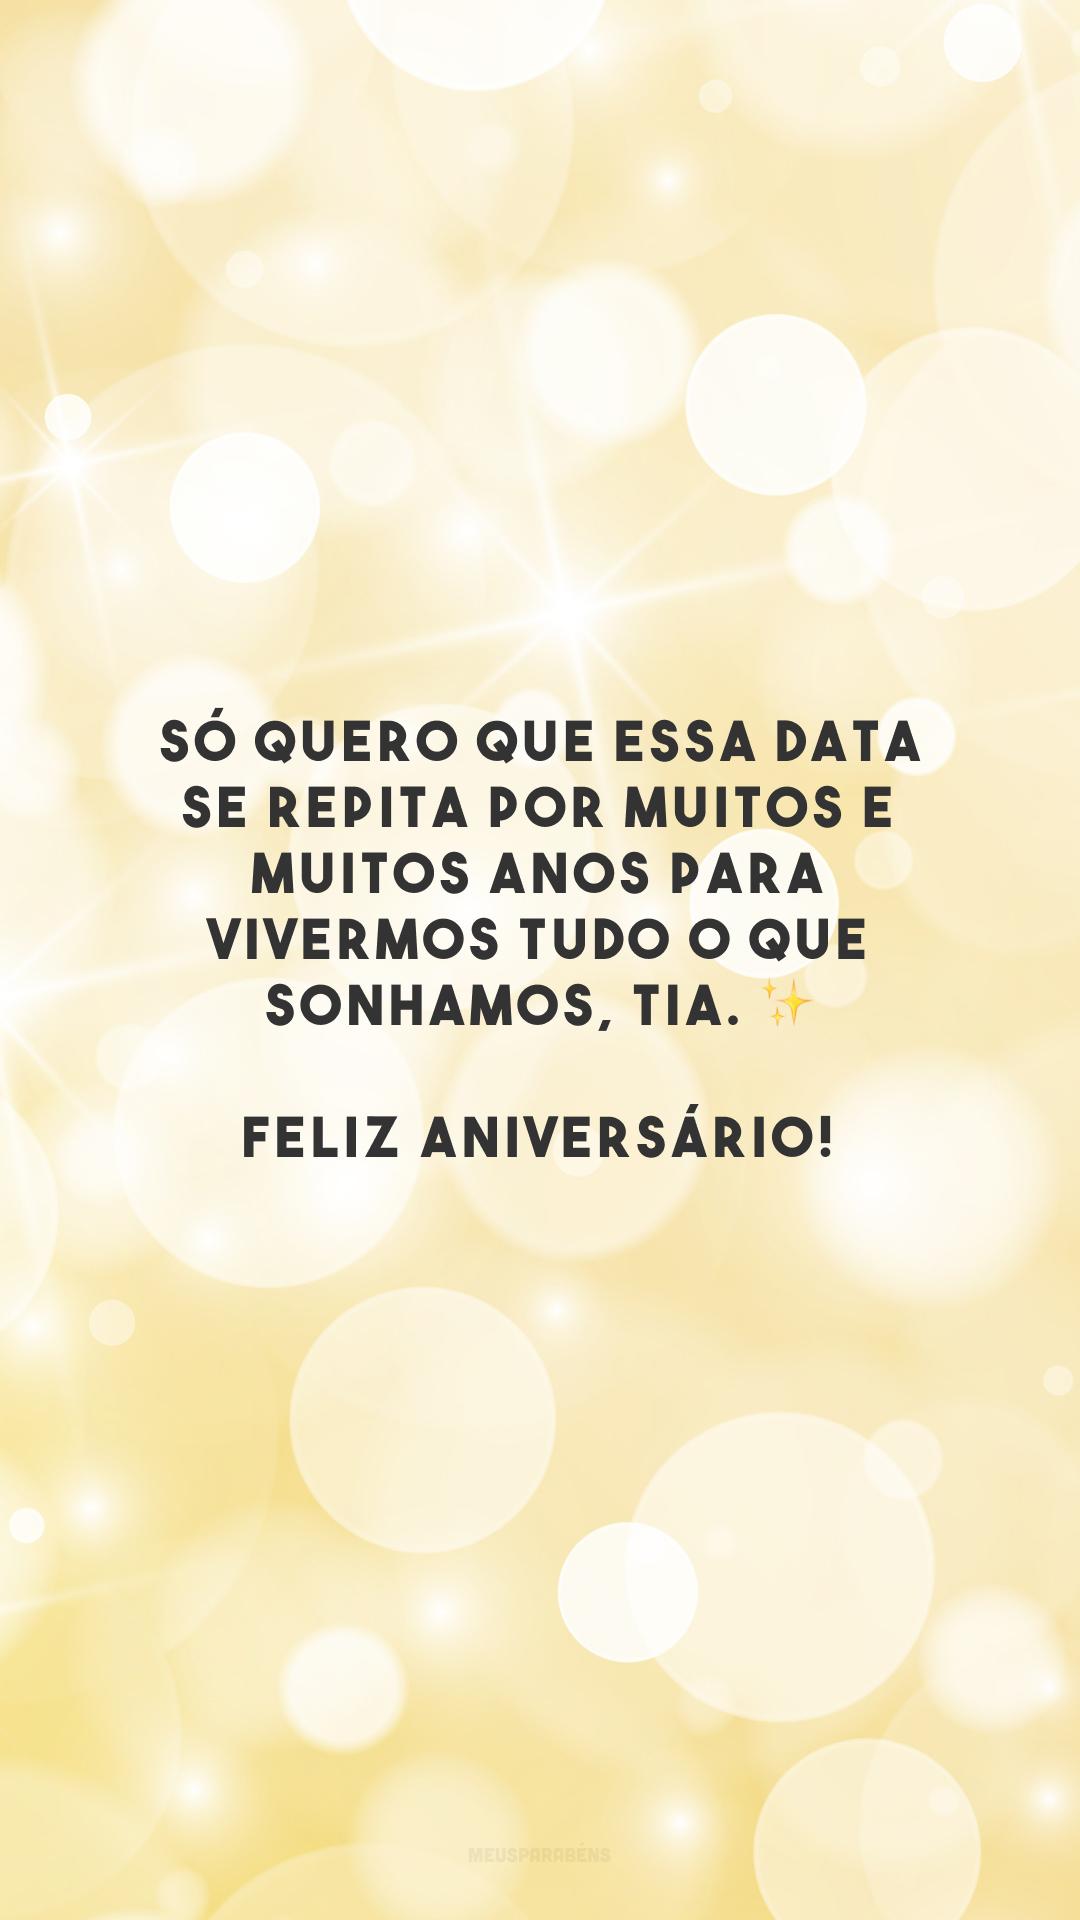 Só quero que essa data se repita por muitos e muitos anos para vivermos tudo o que sonhamos, tia. ✨ Feliz aniversário!